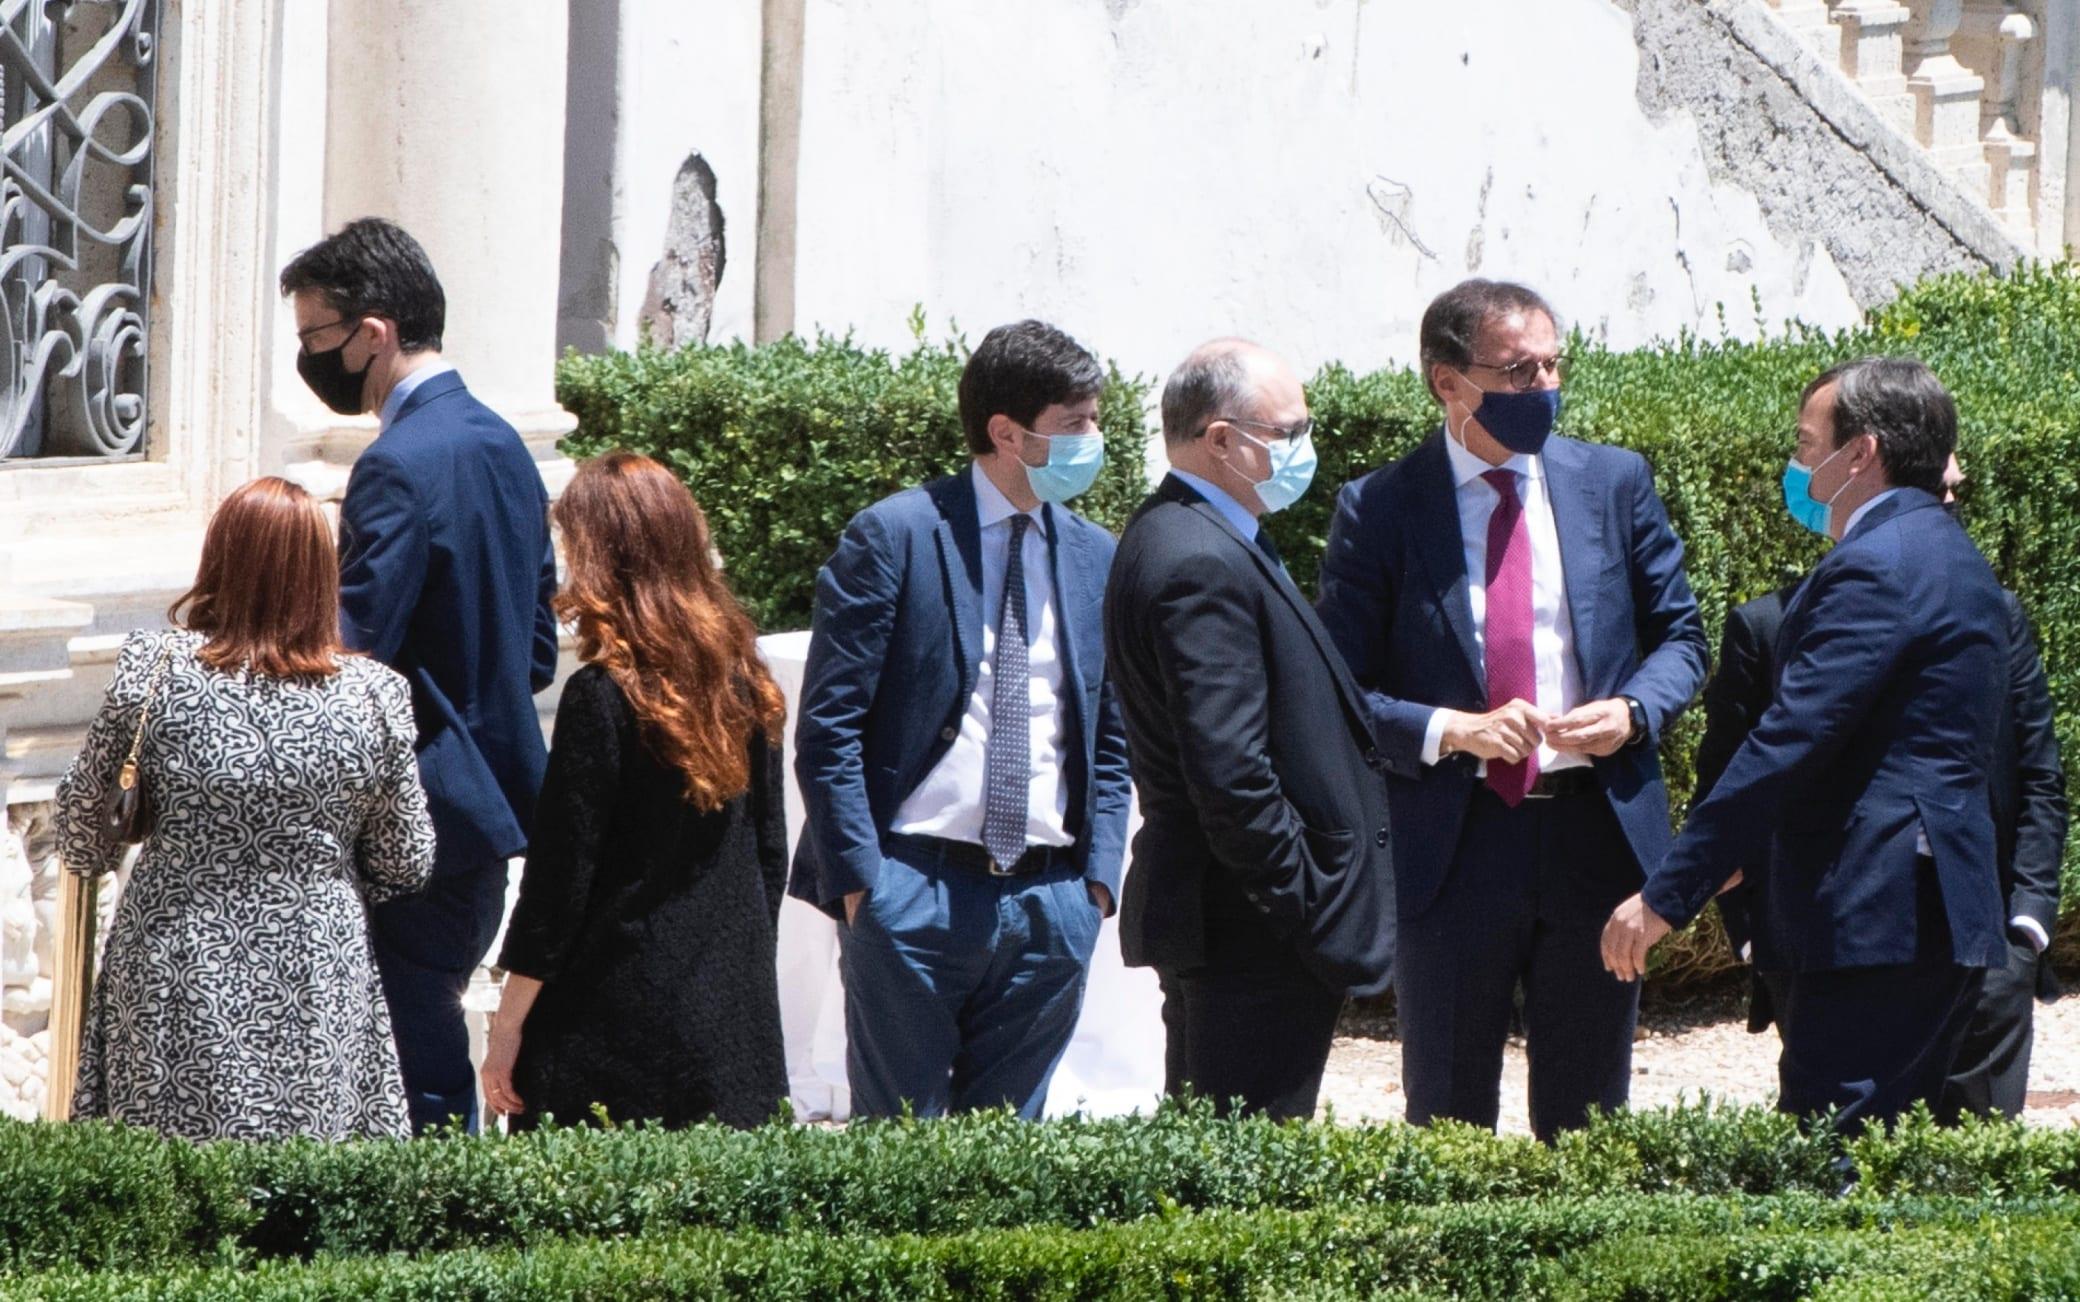 I ministri durante una pausa della prima giornata gli stati generali nei giardini di Villa Pamphili a Roma, 13 giugno 2020. ANSA/CLAUDIO PERI - MASSIMO PERCOSSI